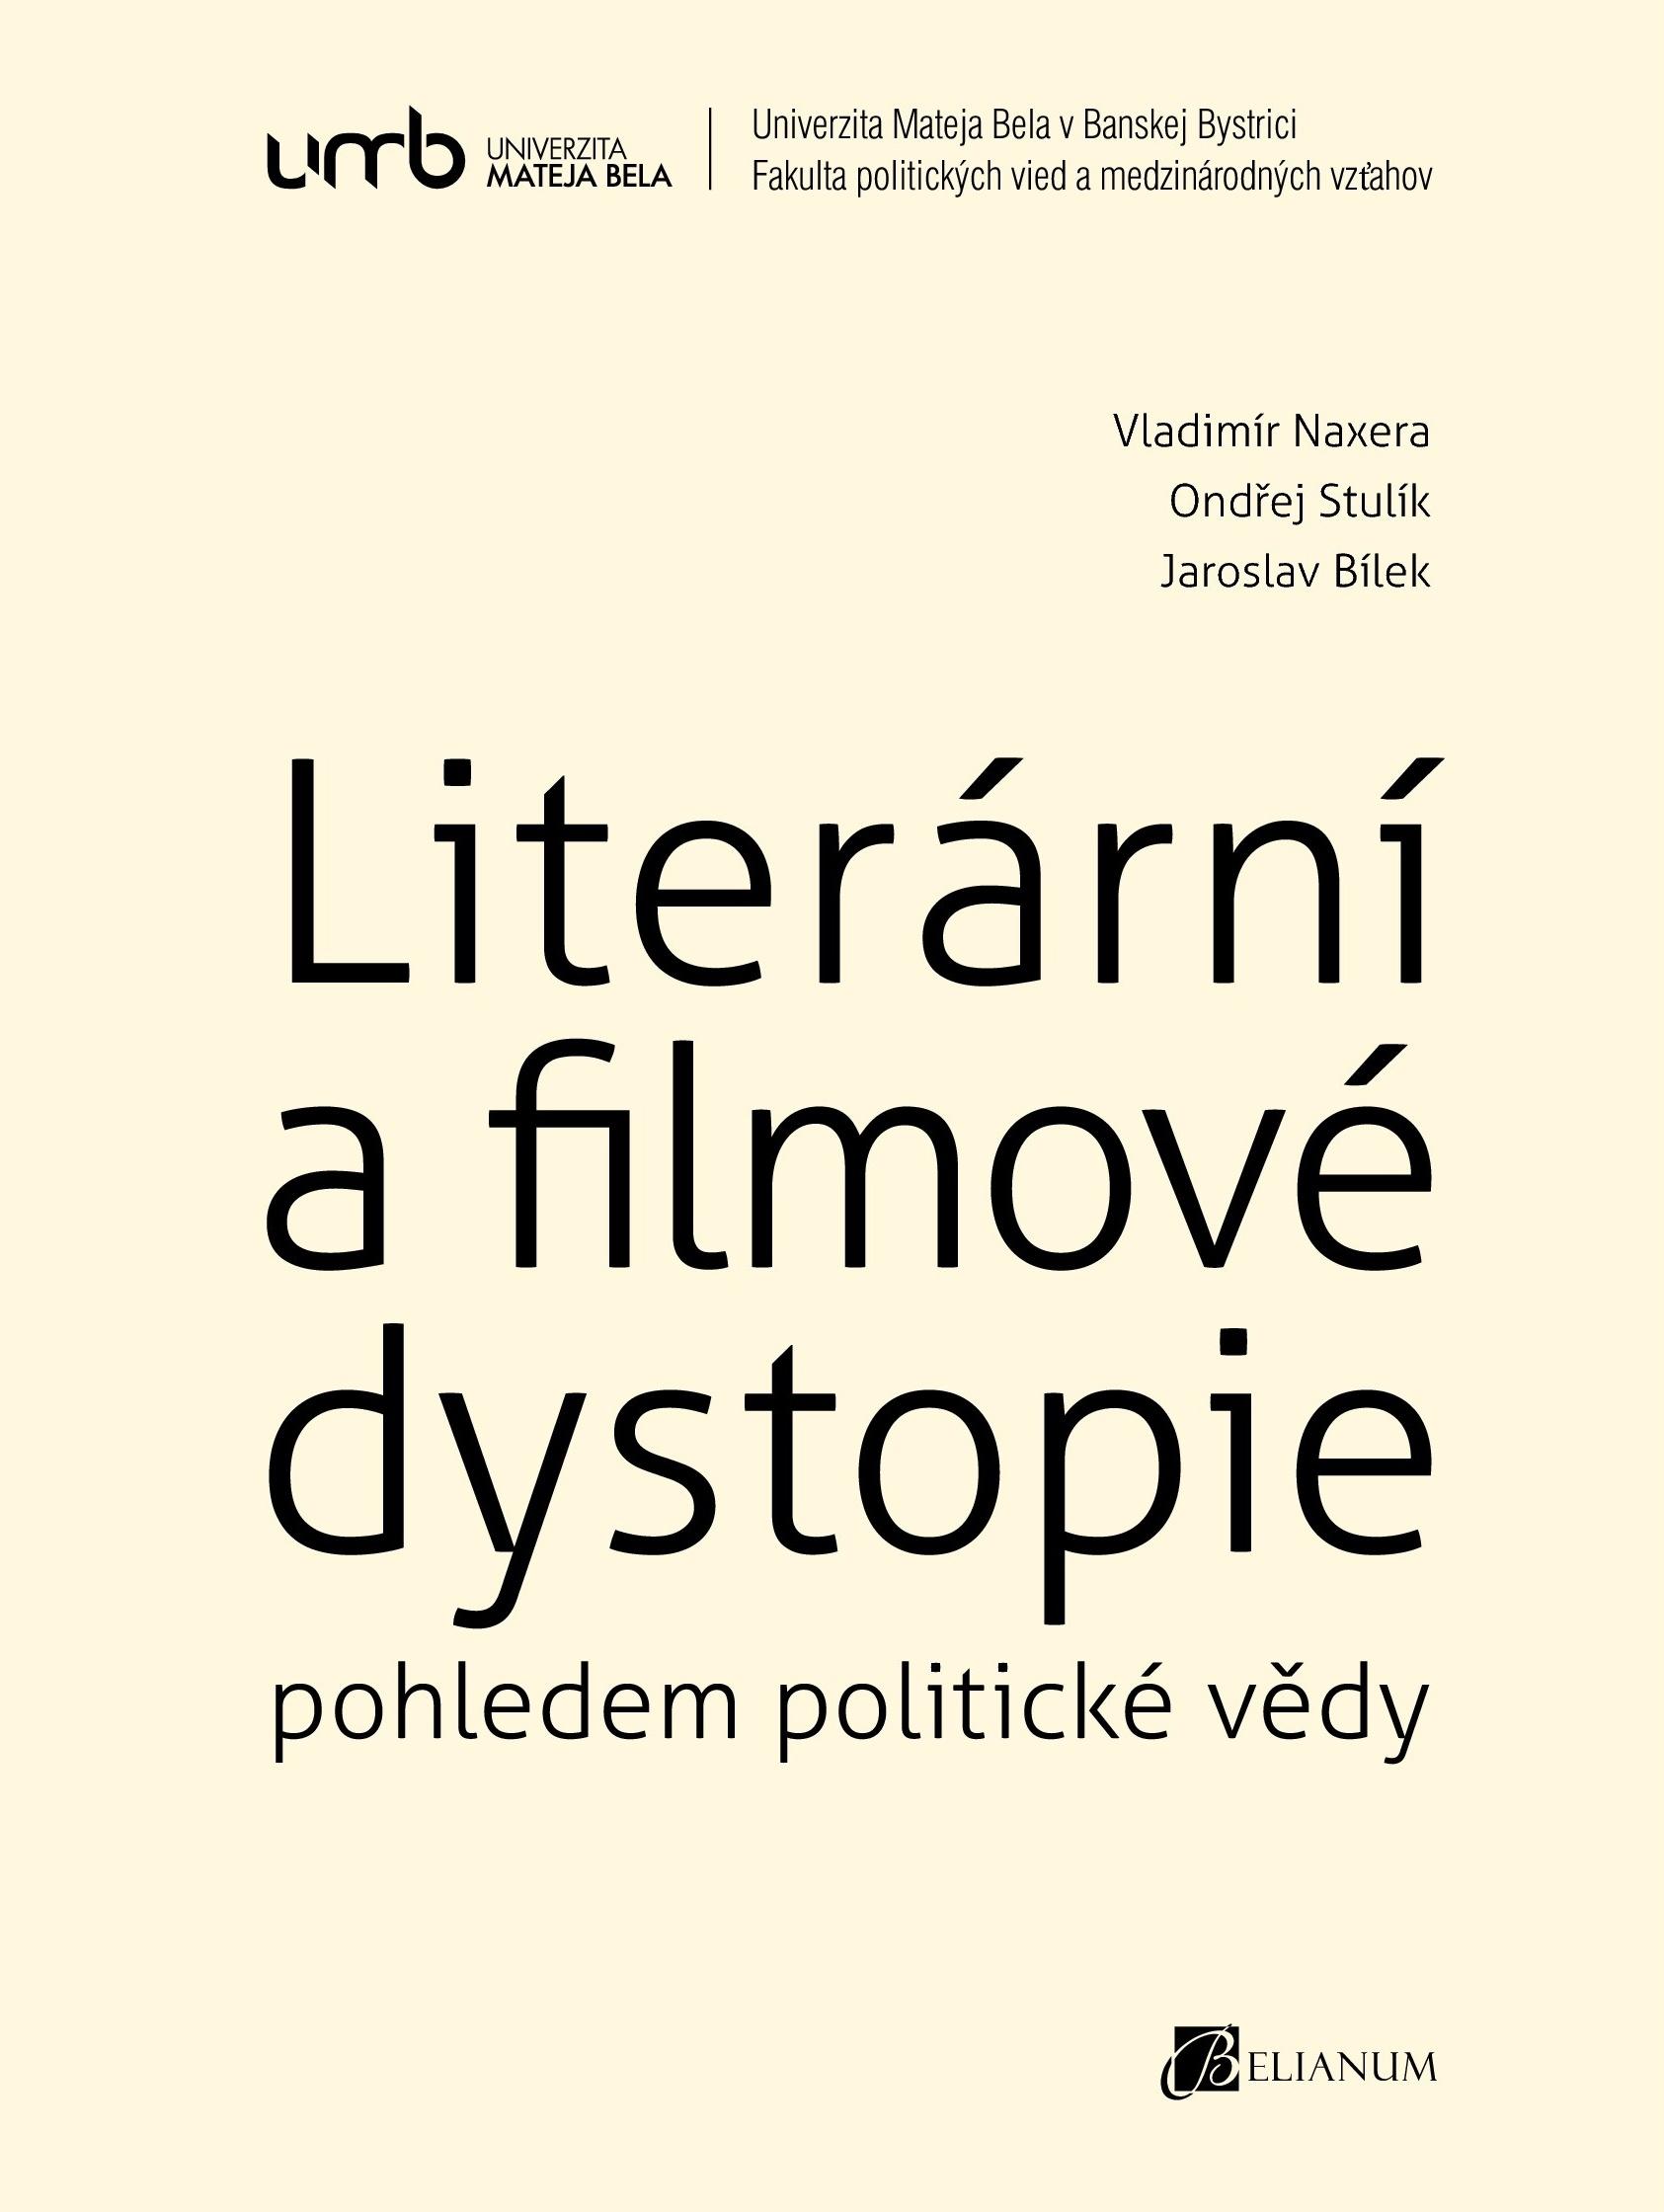 Literární a filmové dystopie pohledem politické vědy